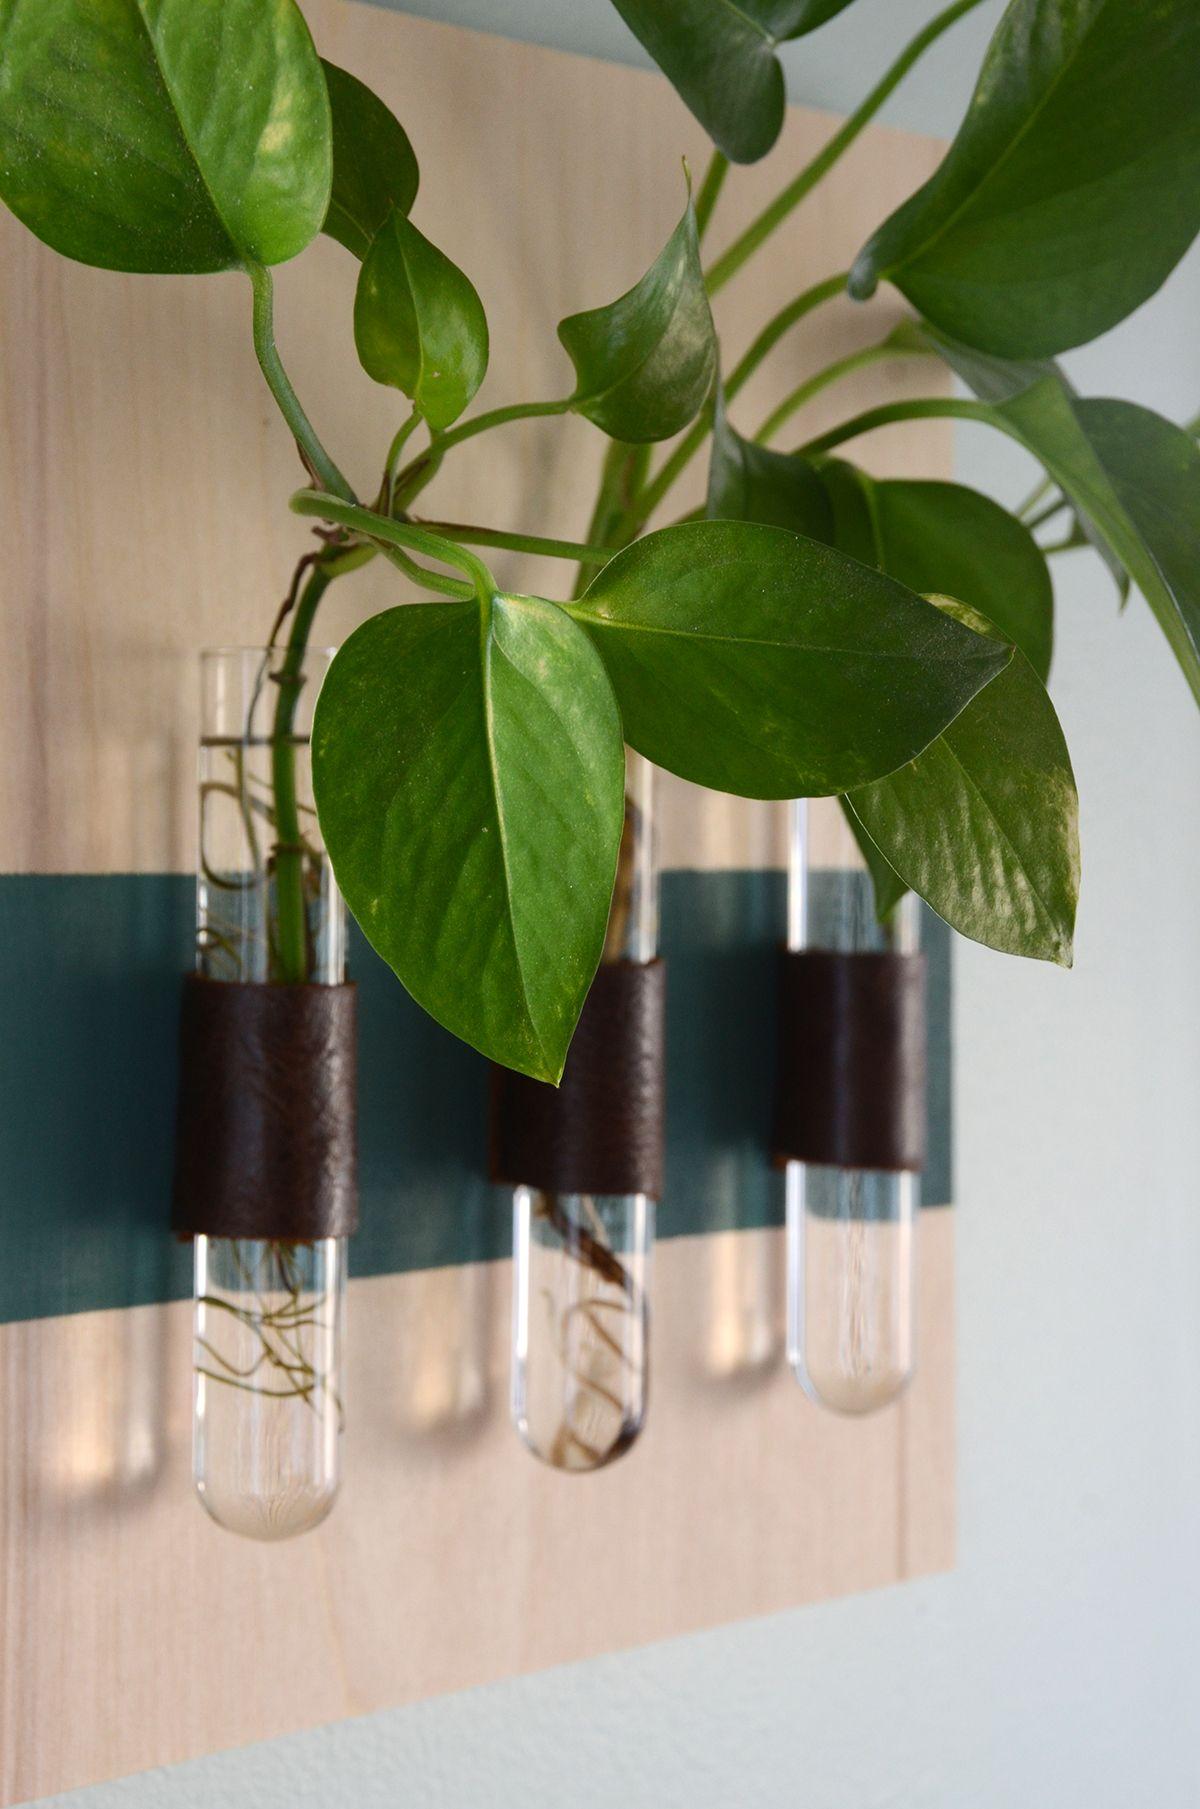 Hängende Glasvase mit Holztablett Hydrokultur Pflanzen Blumenvase  Hochzeitsdeko